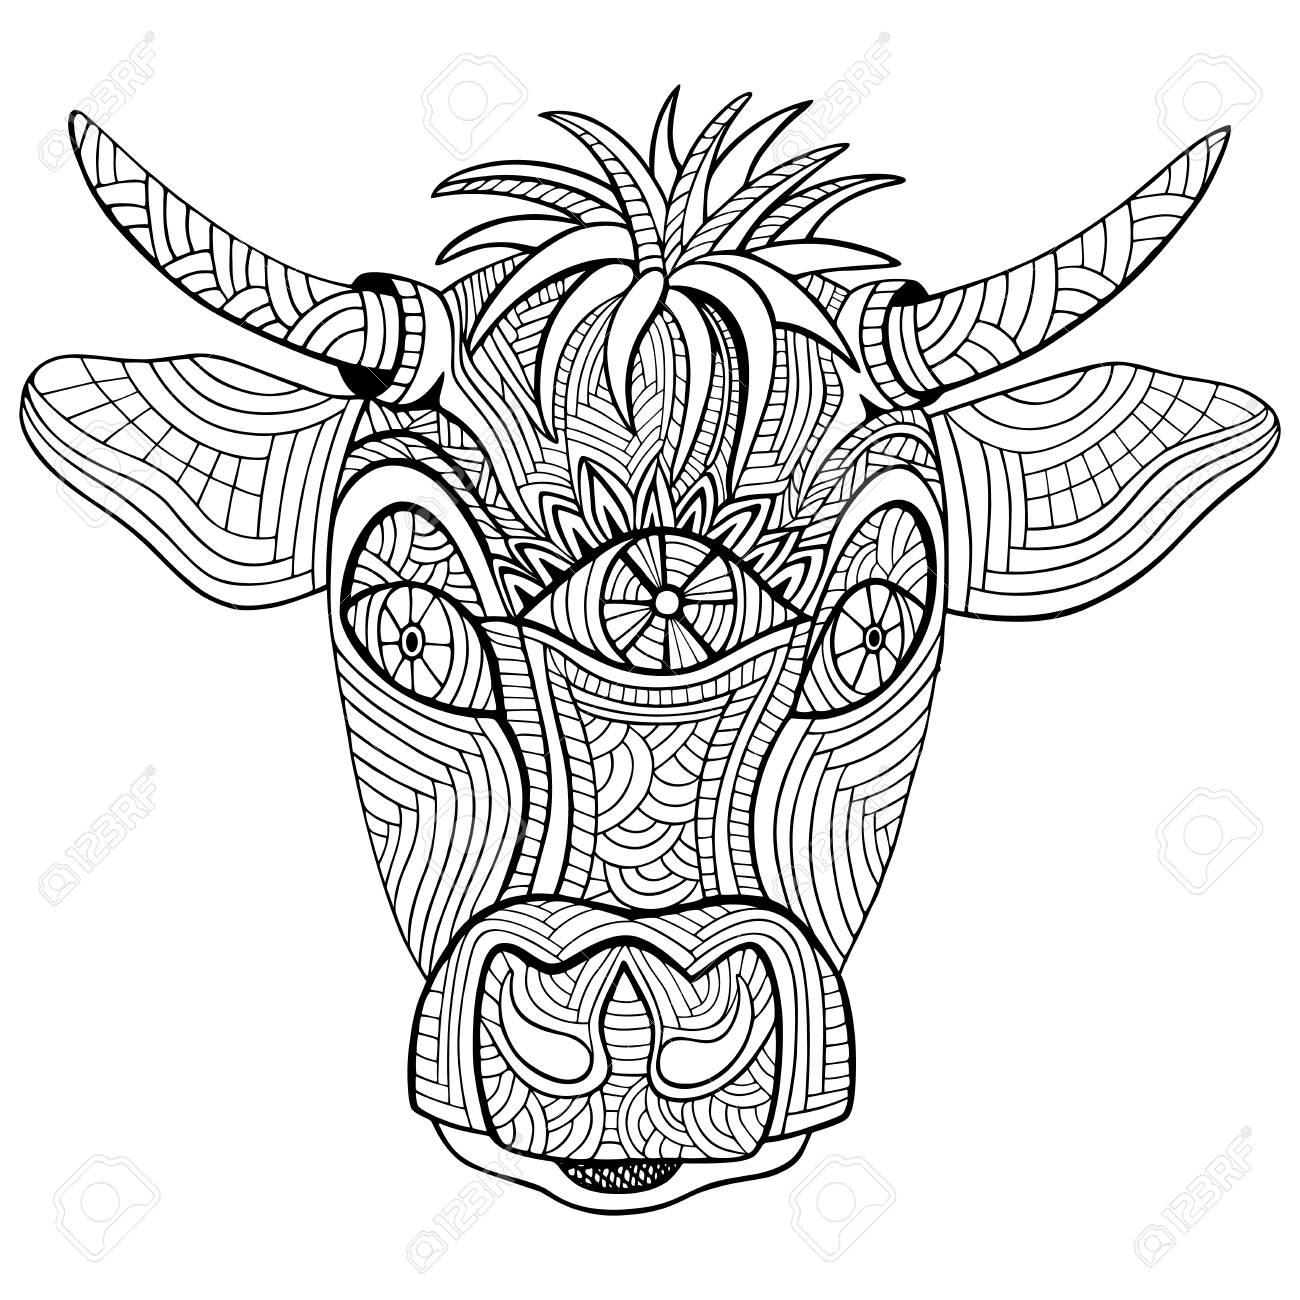 Tête De Vache Dessinée à La Main Zentangle Et Style De Doodle Livre De Coloriage Ou Tatouage Illustration Vectorielle